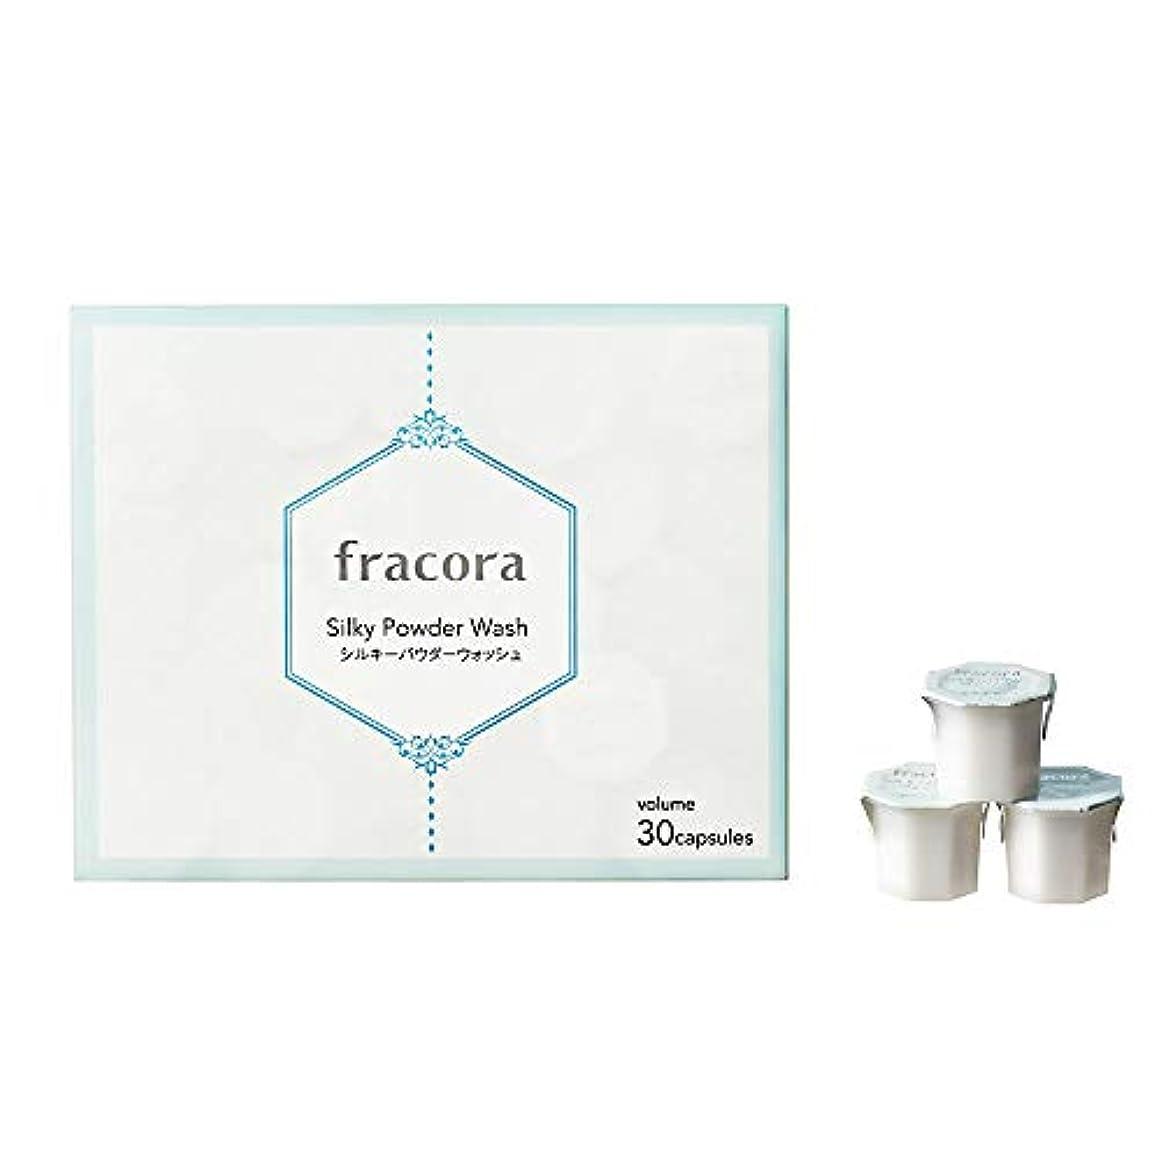 ペナルティ実験をする嵐が丘fracora(フラコラ) 酵素洗顔 シルキーパウダーウォッシュ 30カプセル入